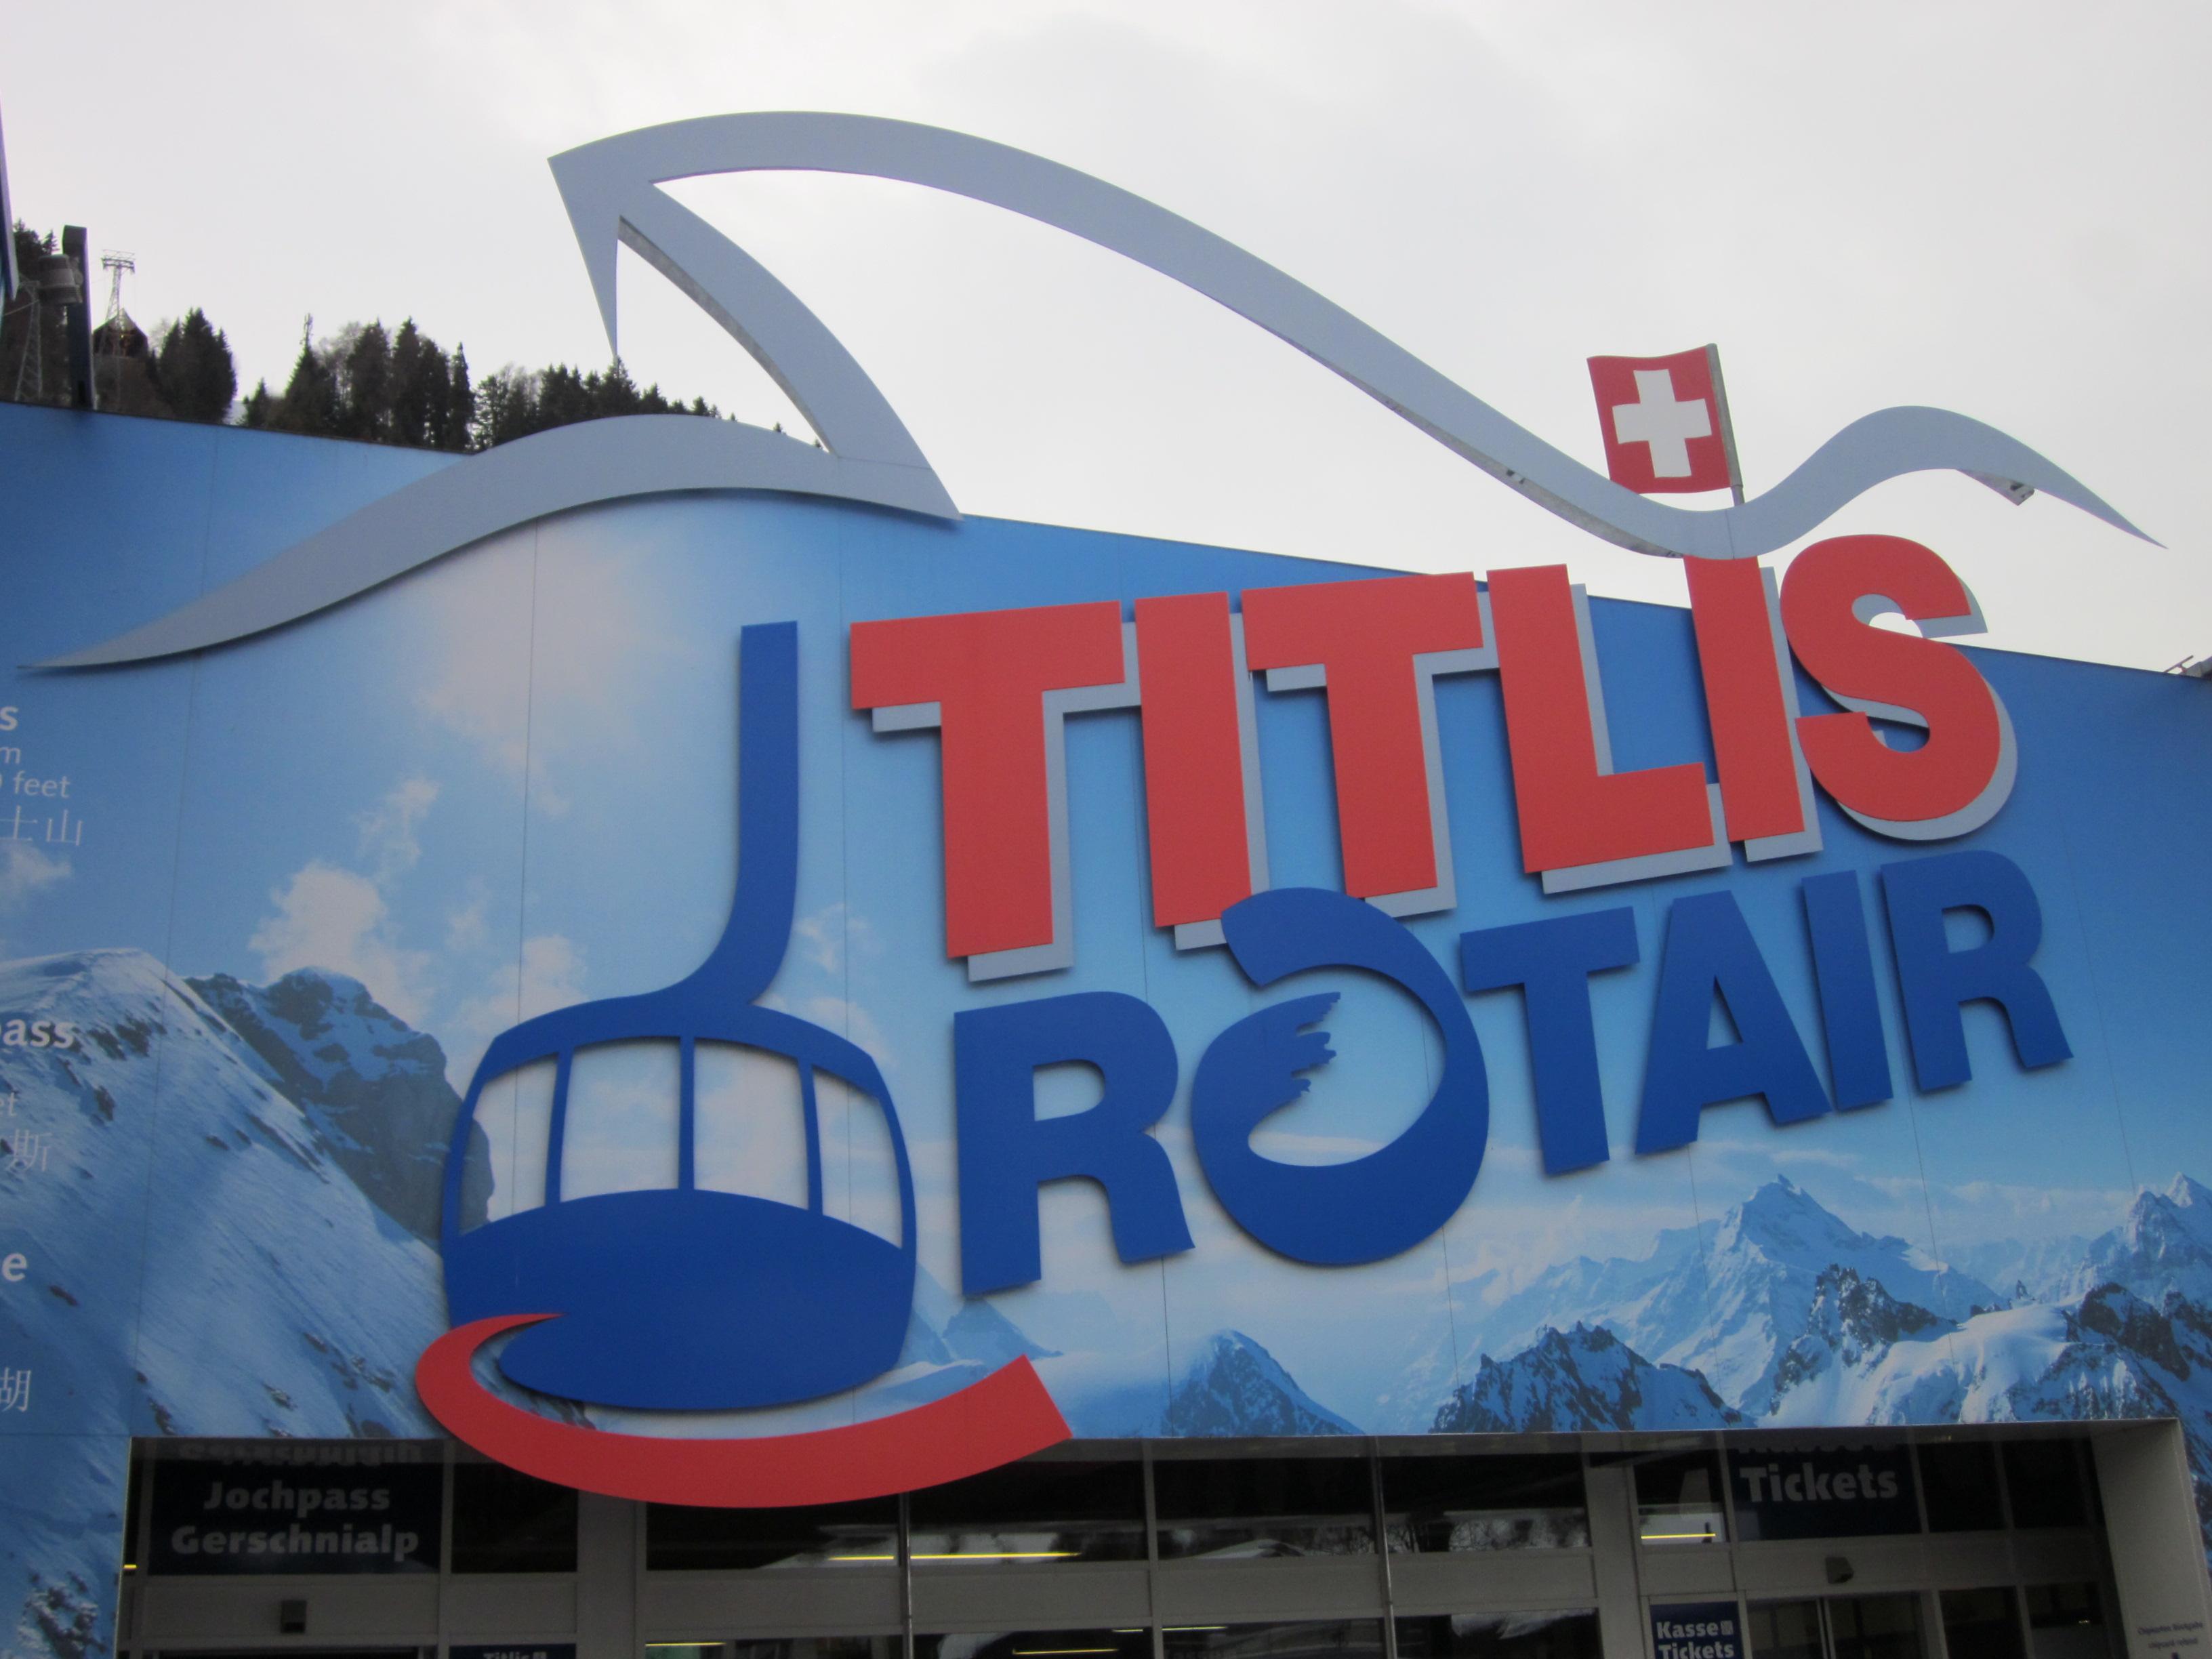 titlis rotair logo